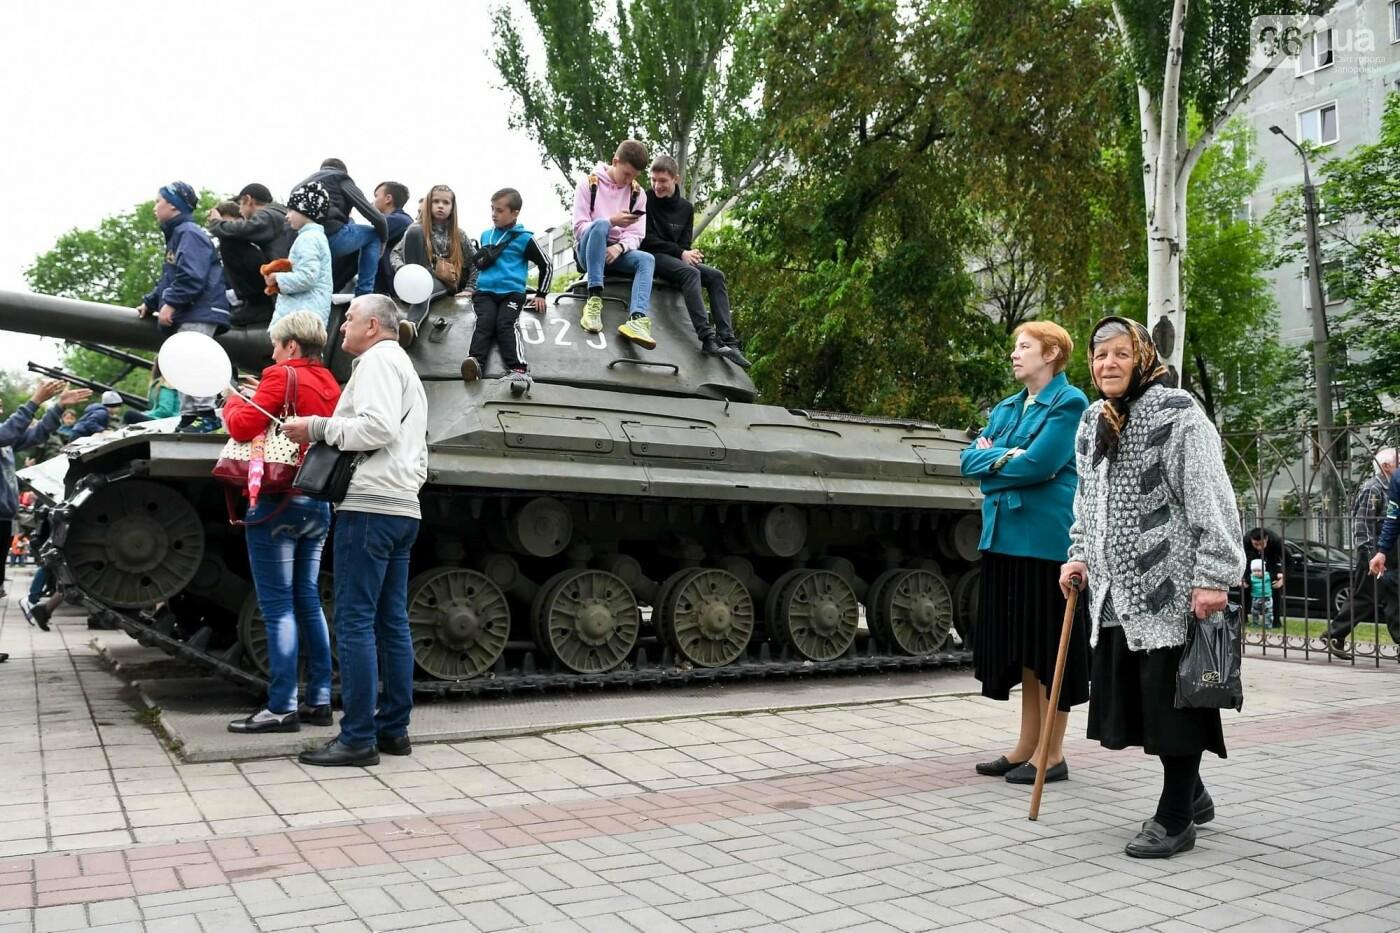 """Богуслаев на """"Победе"""", полевая кухня и концерт: в Запорожье в парке Климова проходят гуляния, - ФОТОРЕПОРТАЖ, фото-25"""